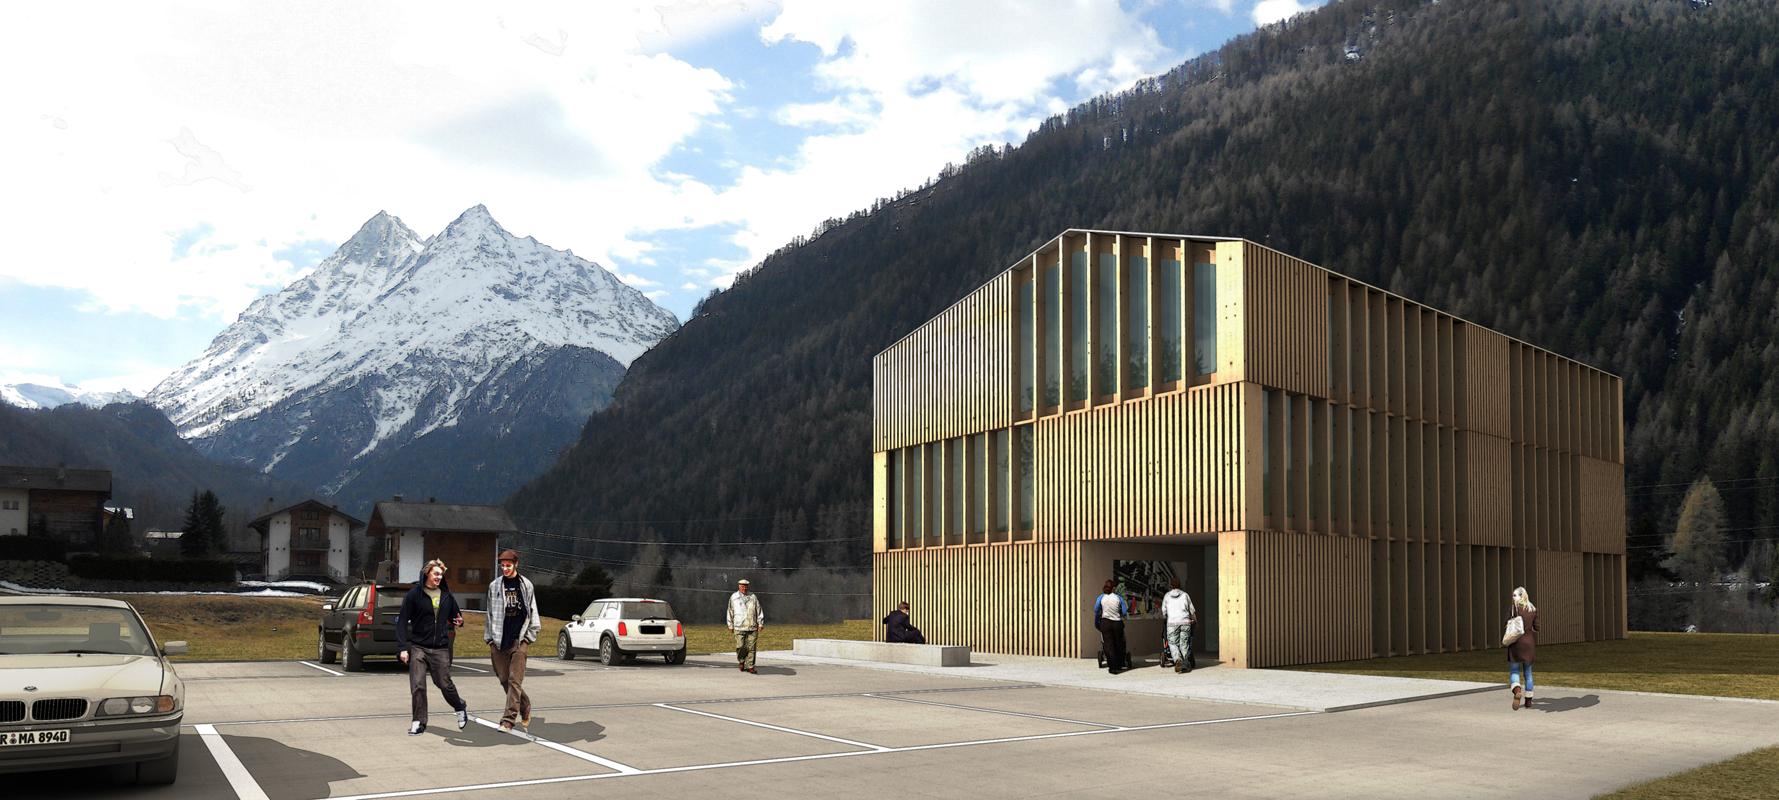 construction d'un centre administratif communal à évolène - 2011 -  4ème prix - cheseauxrey sàrl